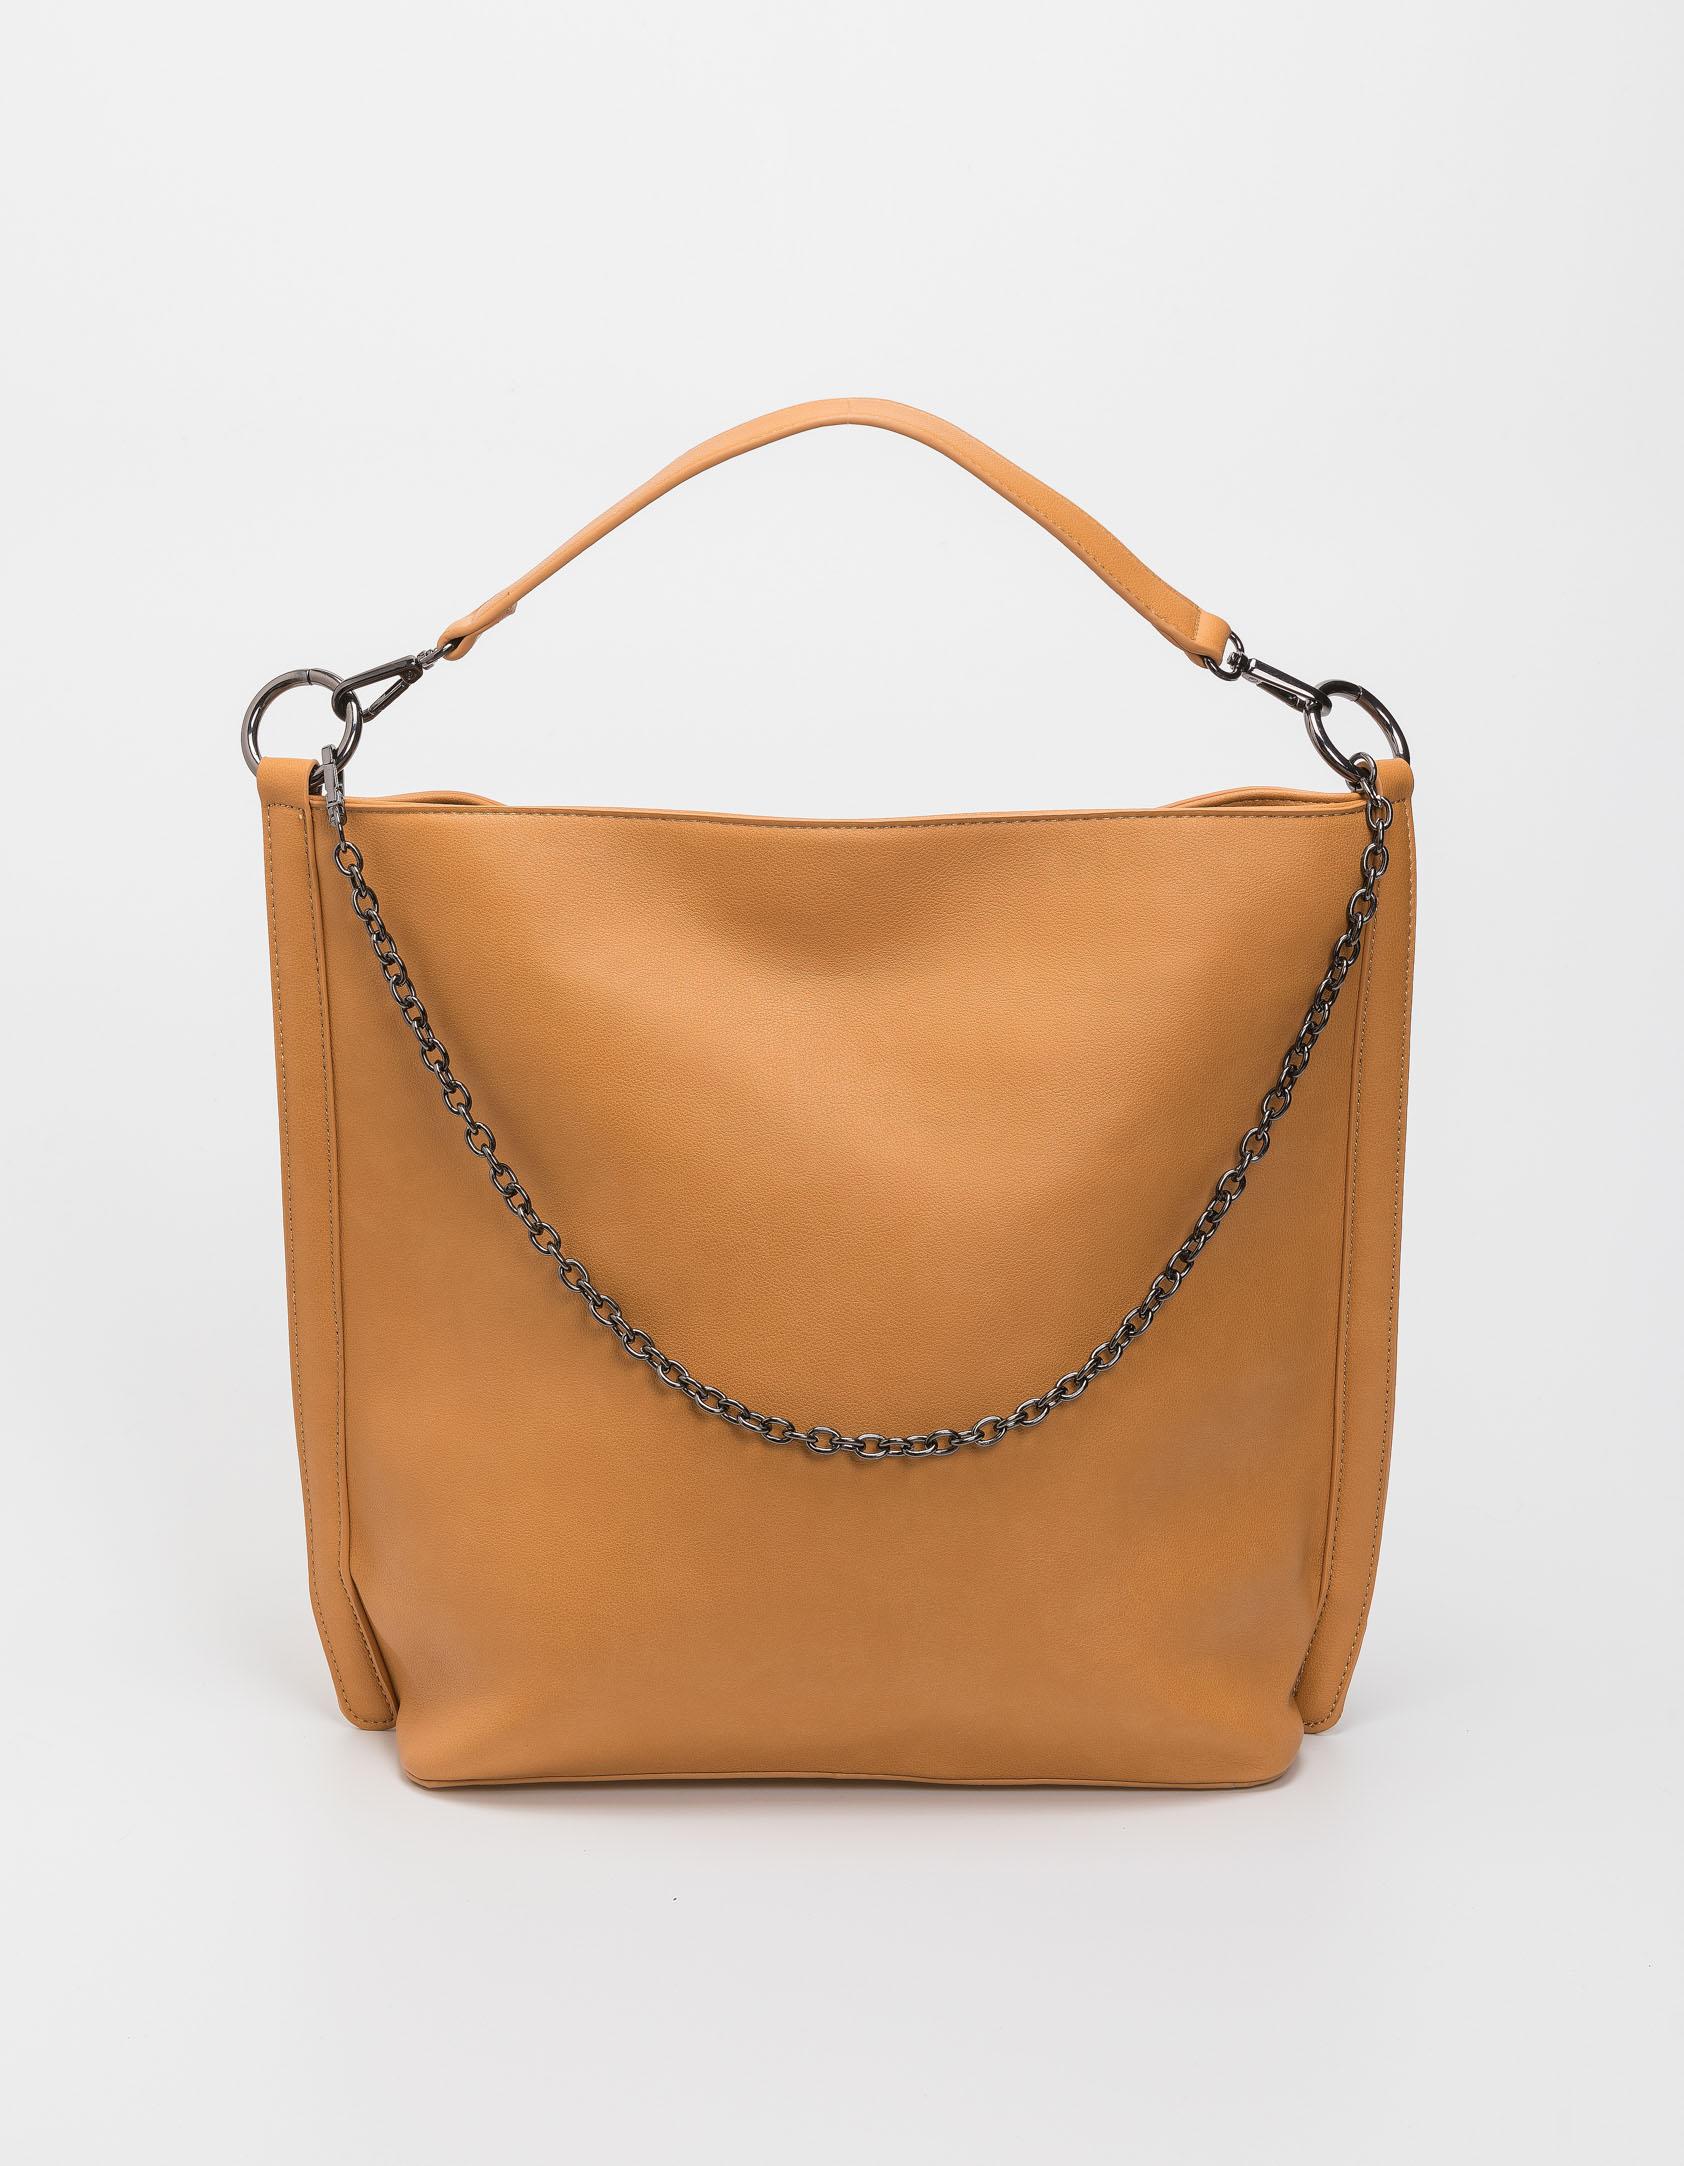 Τσάντα χειρός και ώμου με αλυσίδα - Μουσταρδί